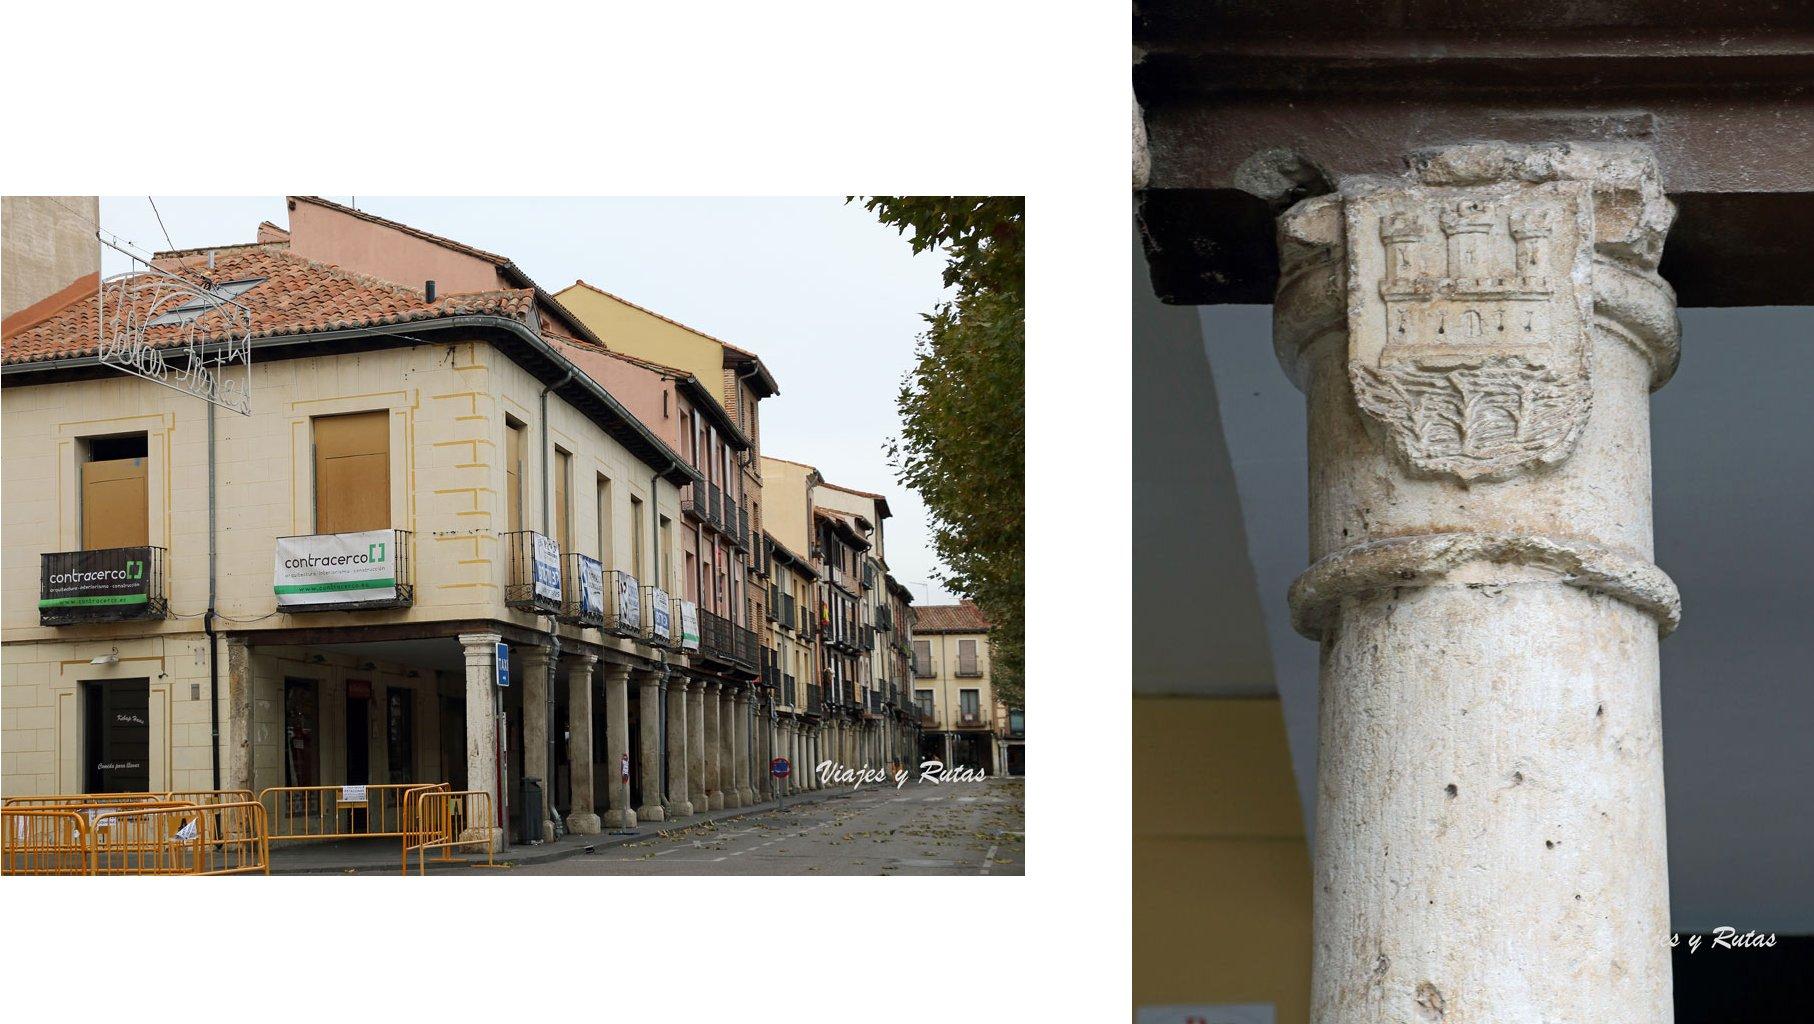 Casas del concejo y escudo de Alcalá de Henares